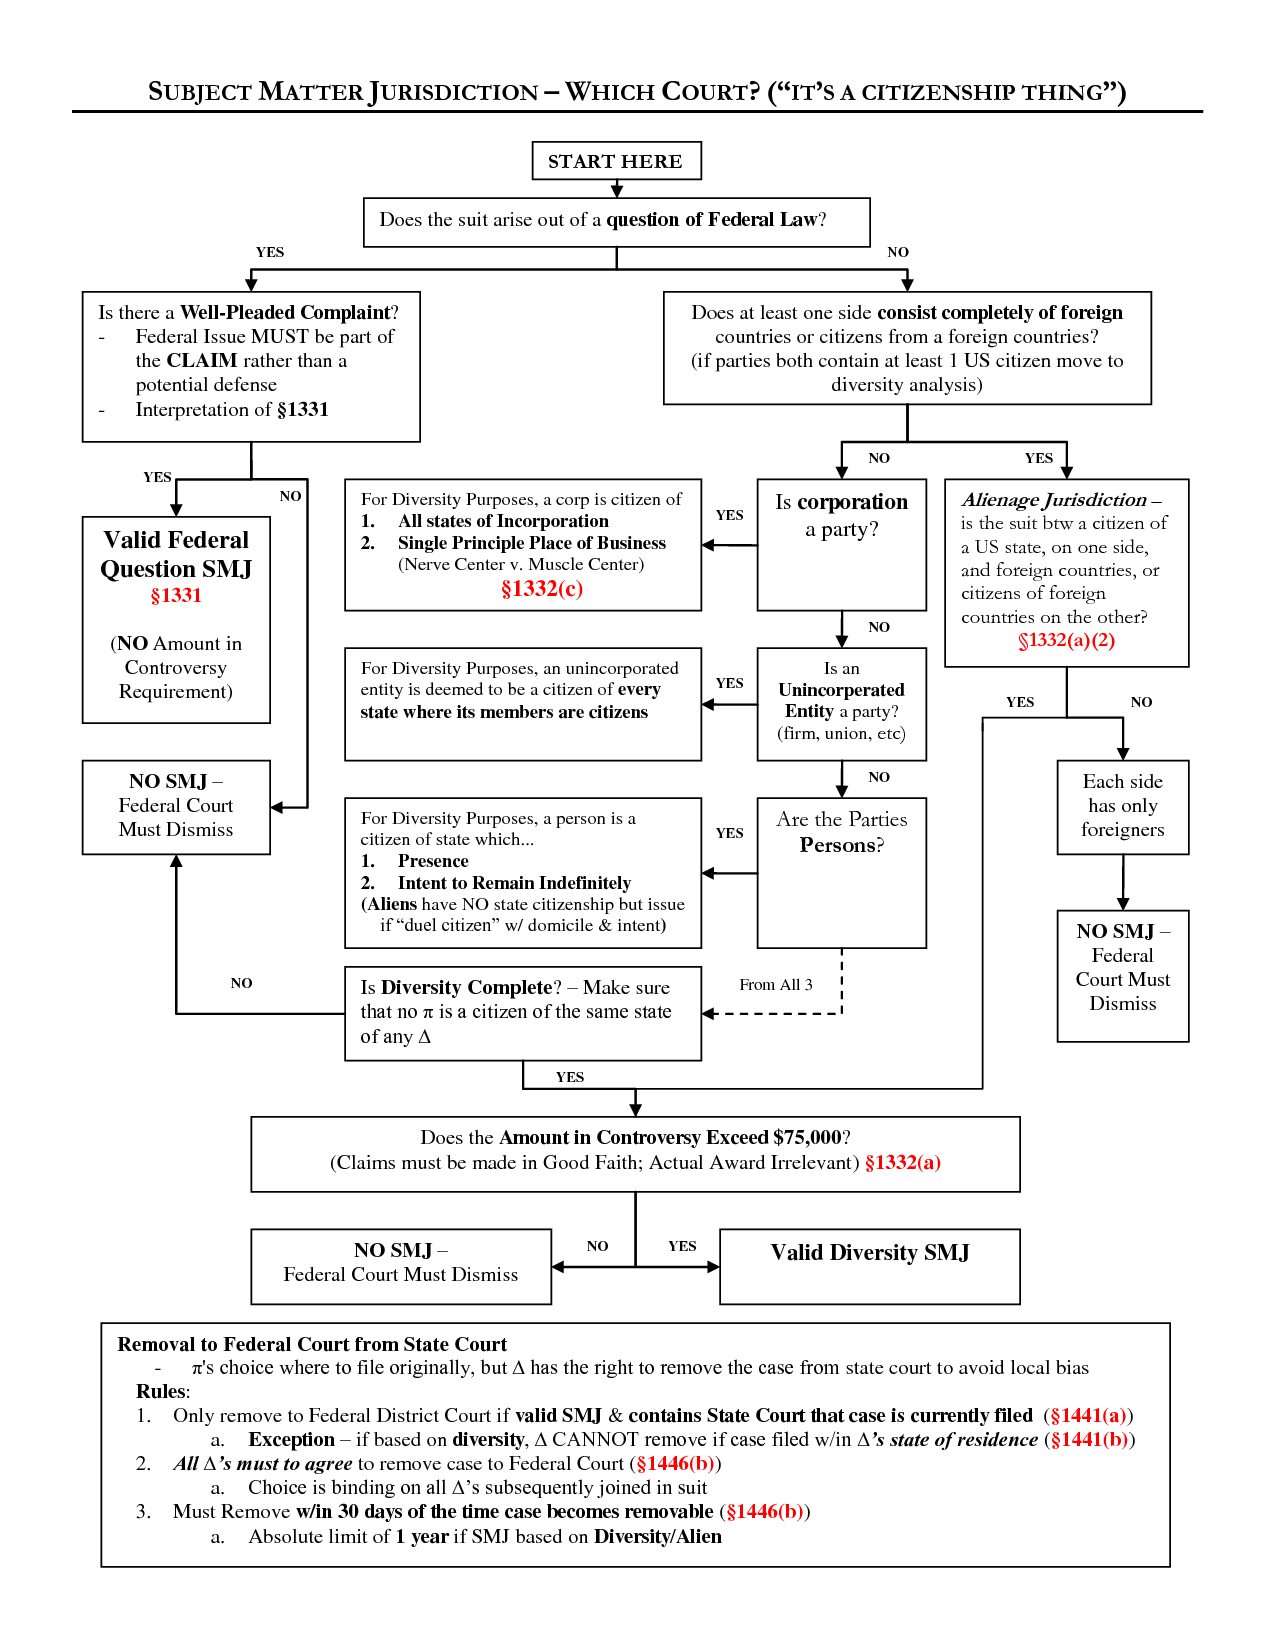 Subject Matter Jurisdiction Flow Chart